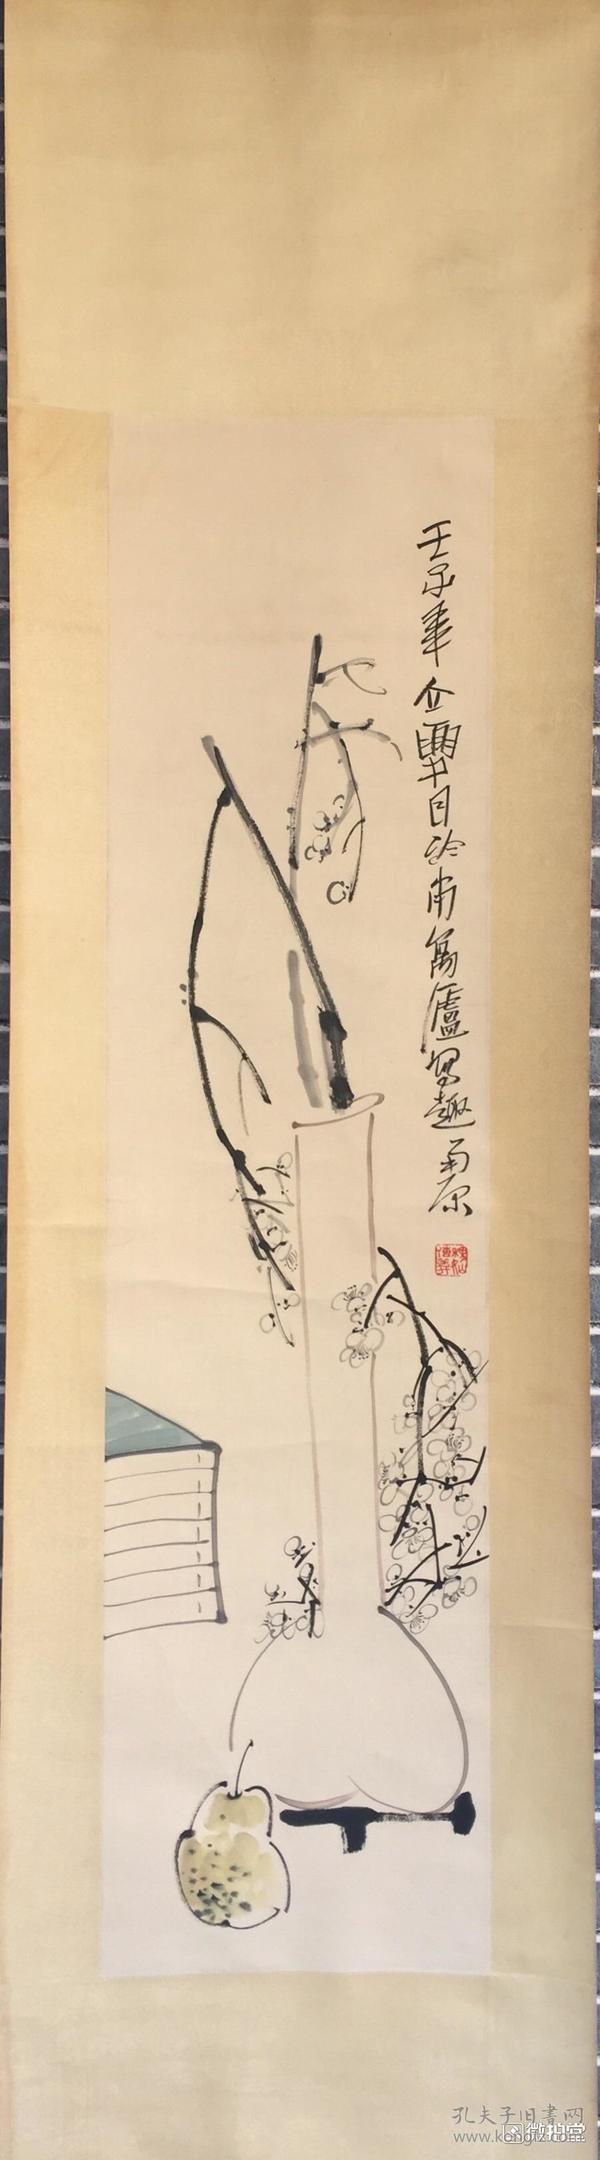 卓艺轩画廊-著名书画家-魏传义